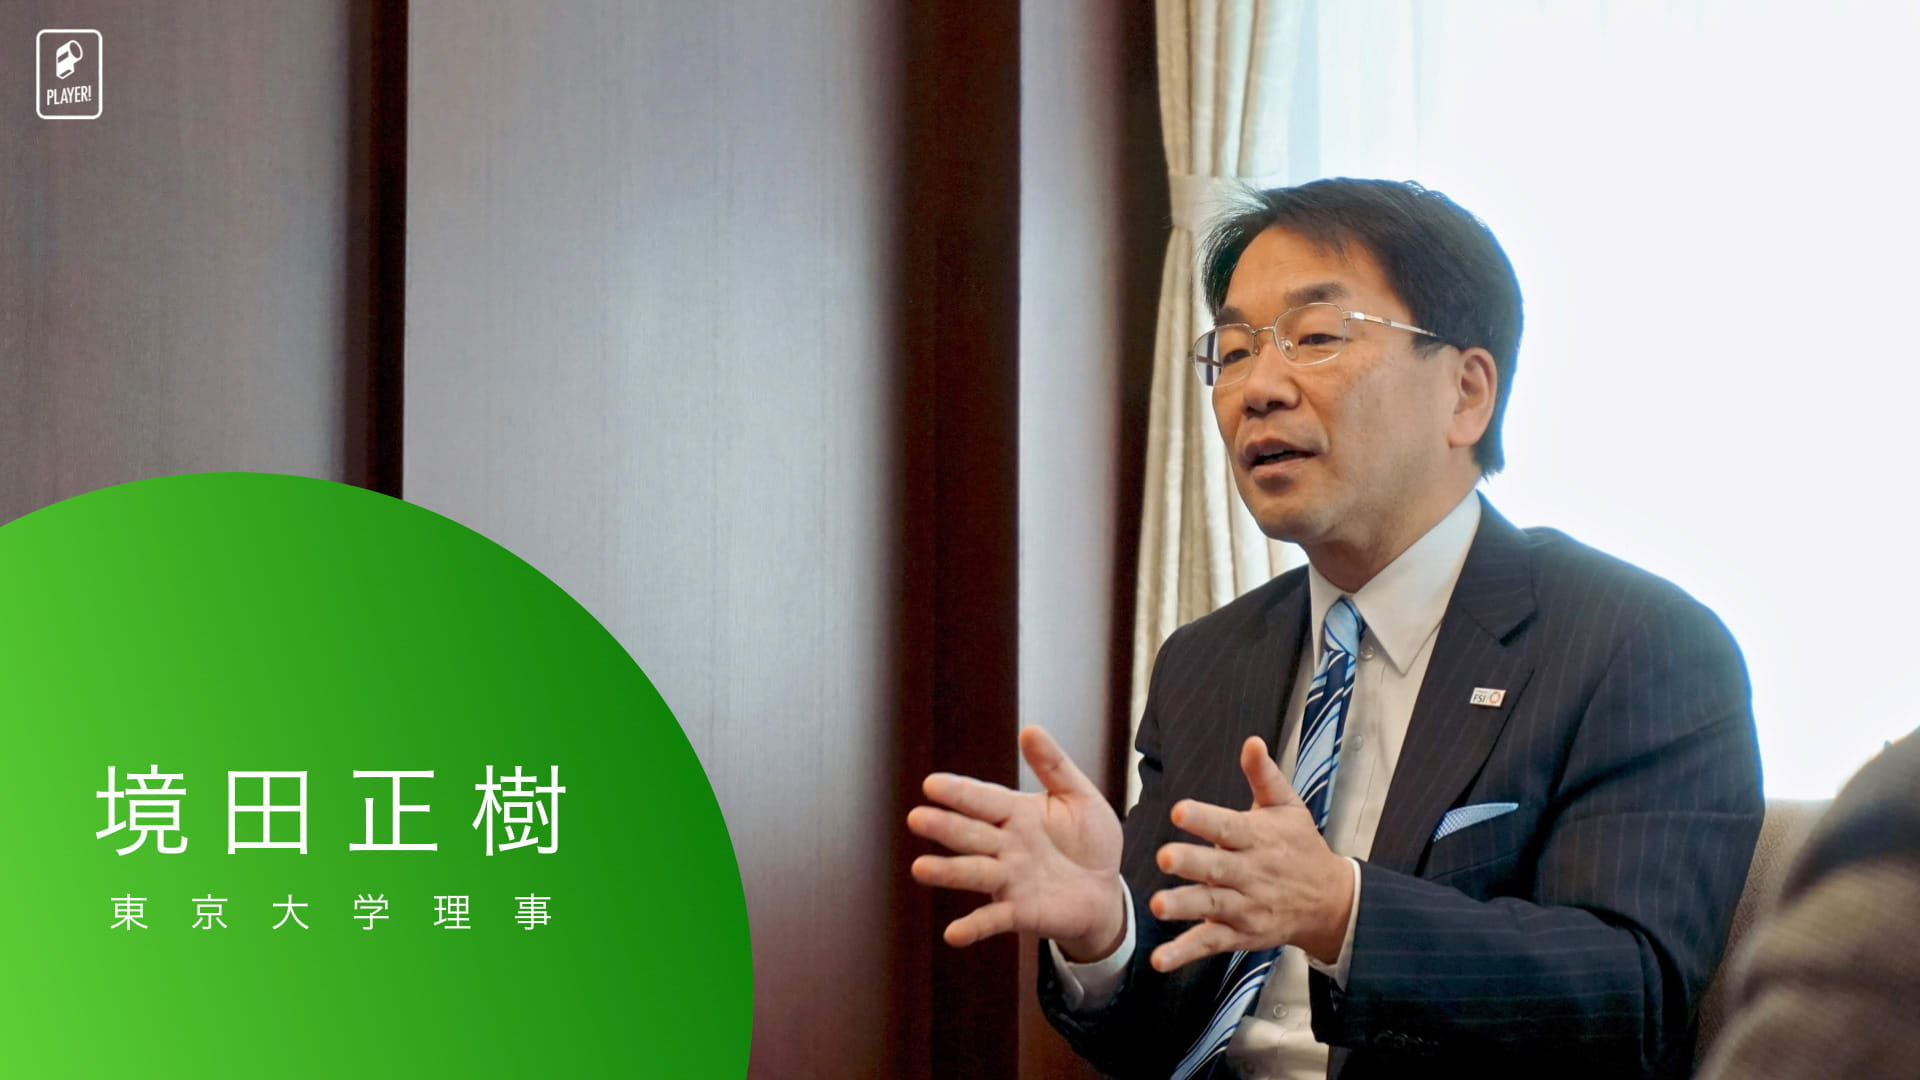 境田正樹: 東京大学理事。日本バスケットボール協会理事。Bリーグ理事。弁護士。これまでスポーツ基本法の制定、男子プロバスケットボール「B.LEAGUE」の創設にも尽力し、現在はスポーツ団体ガバナンスコードの策定にも尽力している。